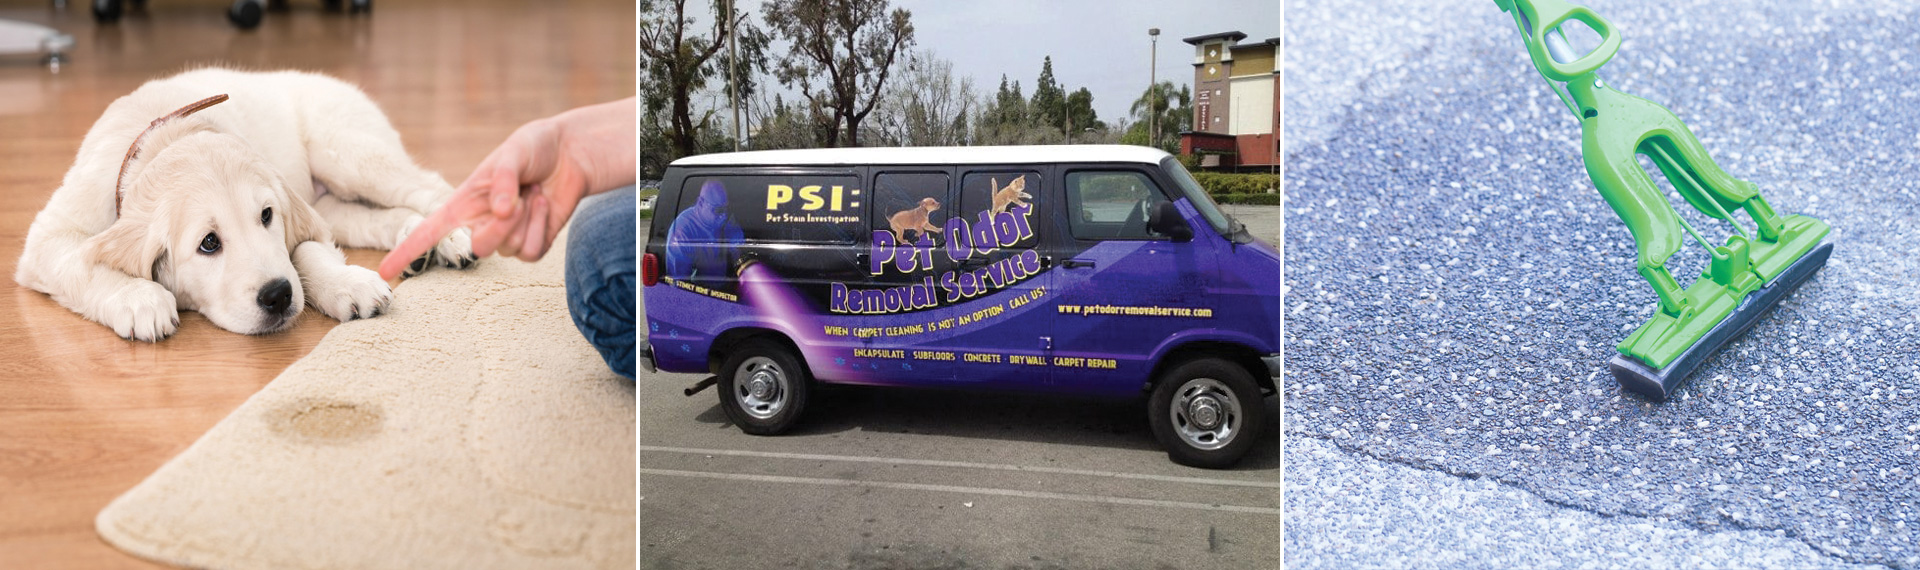 Pet Odor Removal Service Buena Park CA